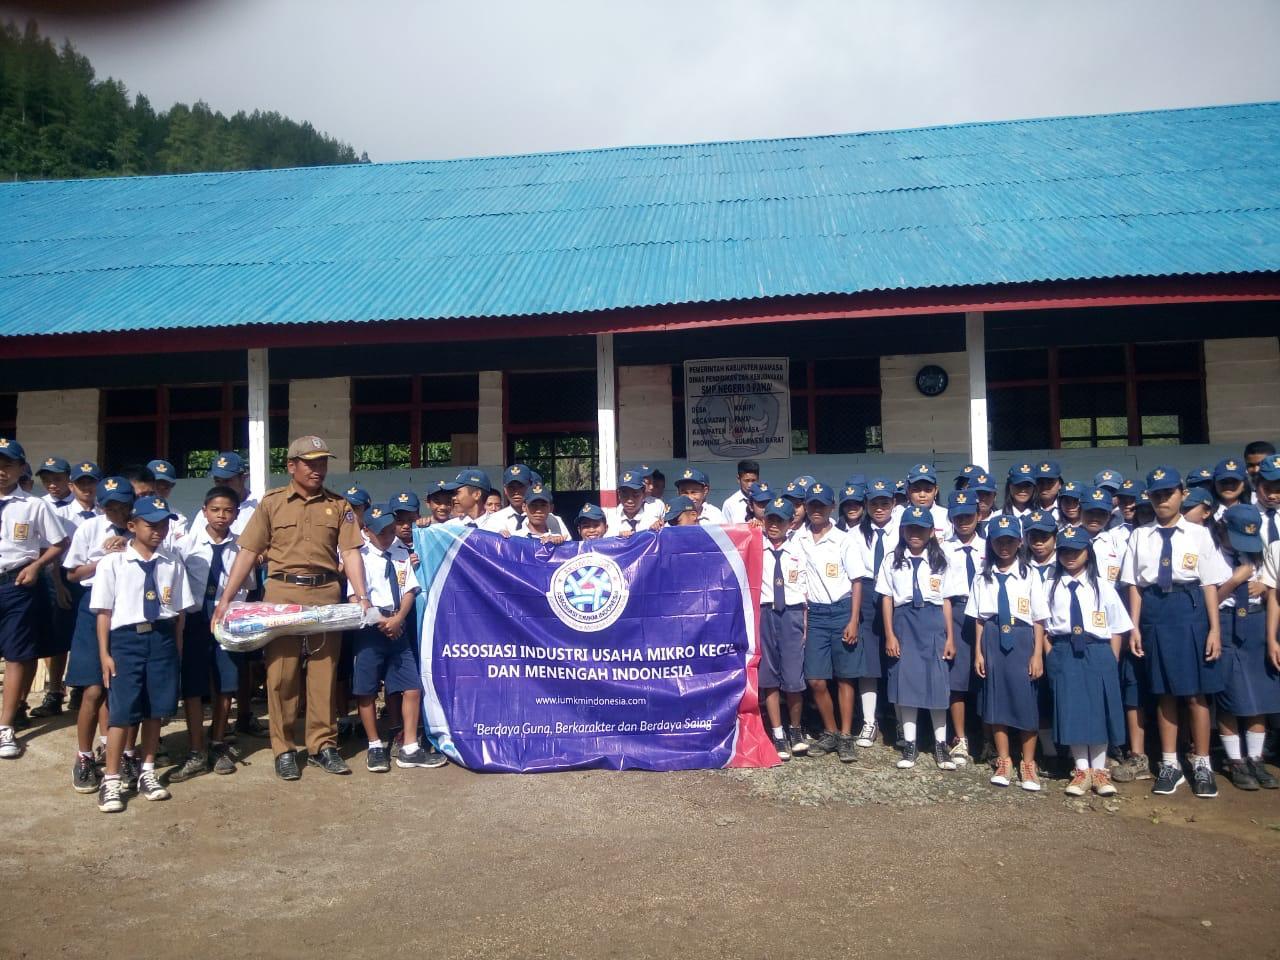 Kegiatan sosial AKUMANDIRI Sulawesi Selatan di Sekolah SMPN 3 Pana Kabupaten Mamasa Sulawesi Barat